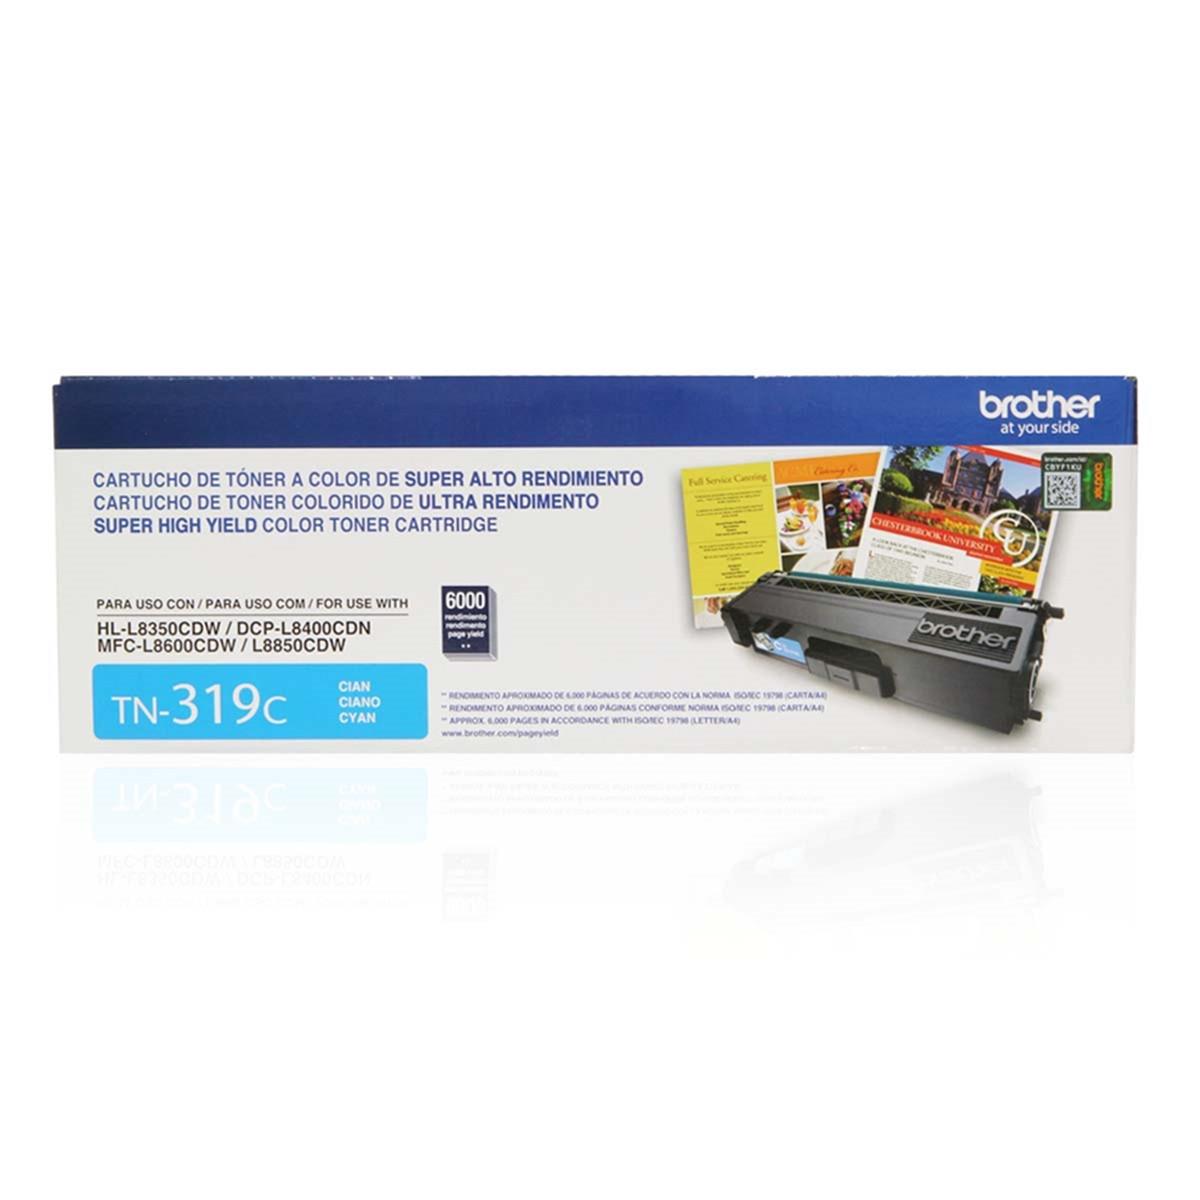 Toner Brother TN-319C TN319 Ciano | MFC-L8600CDW HL-L8350CDW DCP-L8400CDN | Original